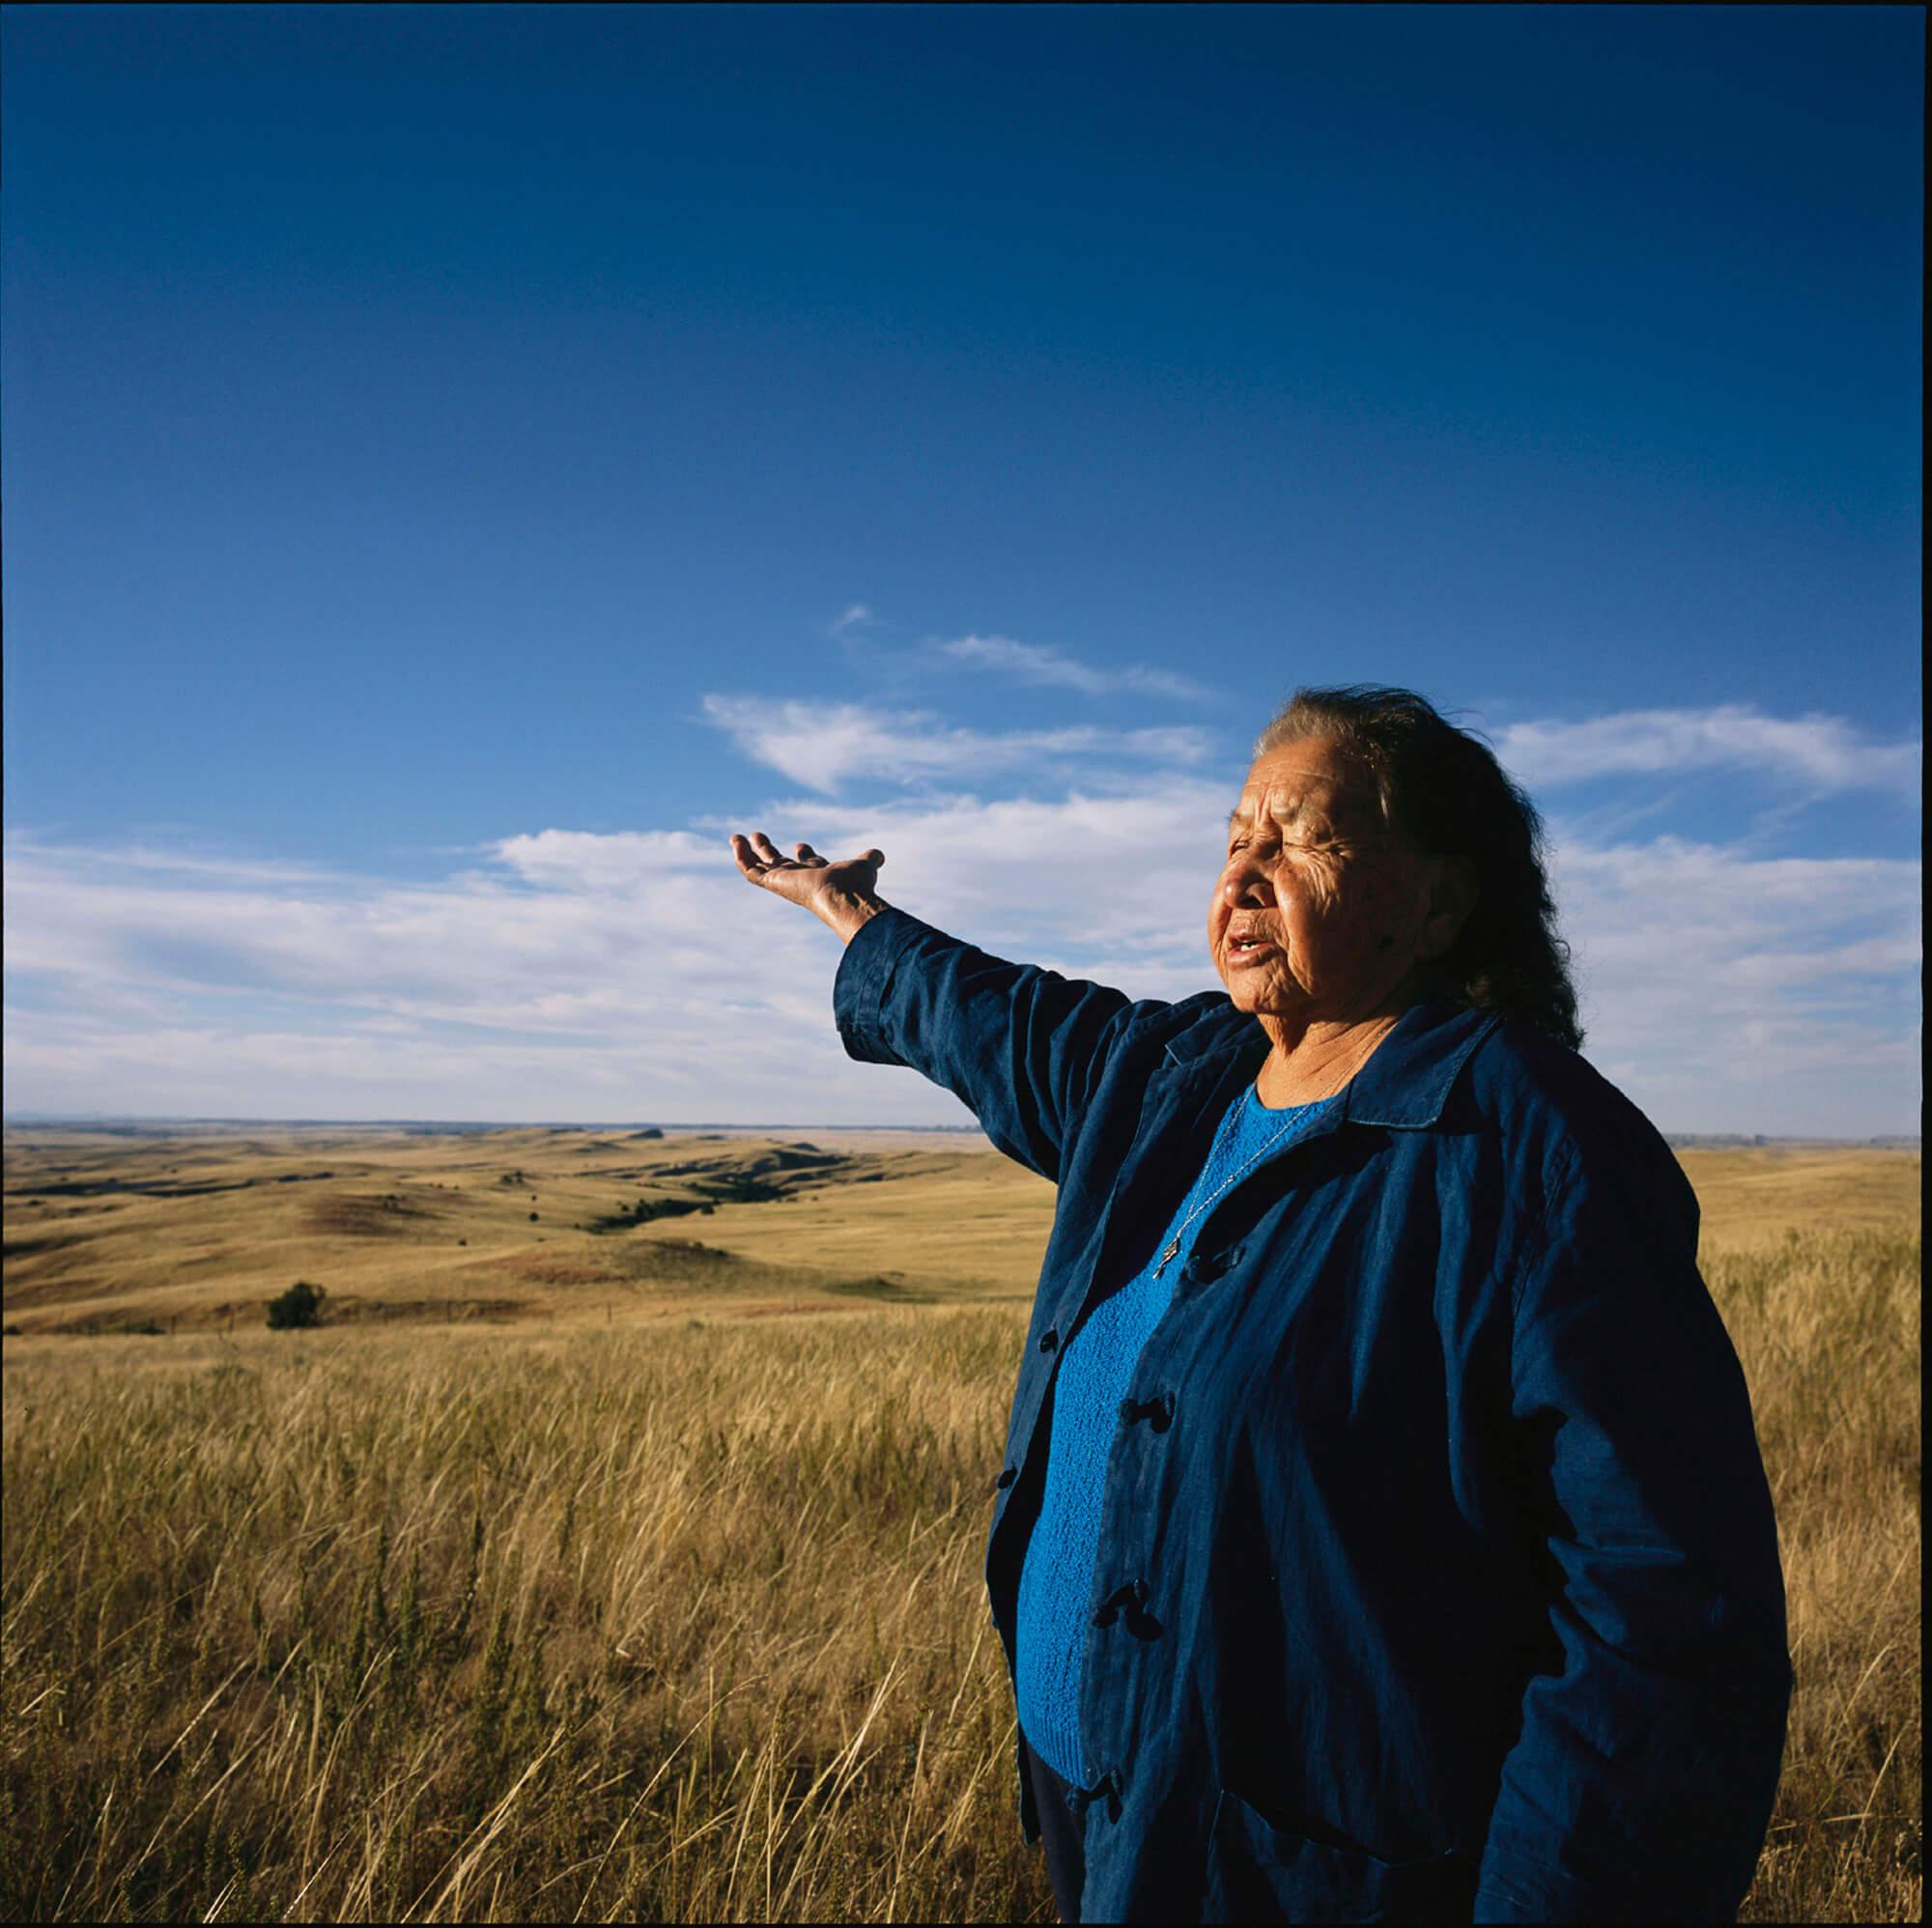 Steber_Lakota-Elder-MARIE-RANDALL-ON-PINE-RIDGE.jpg-